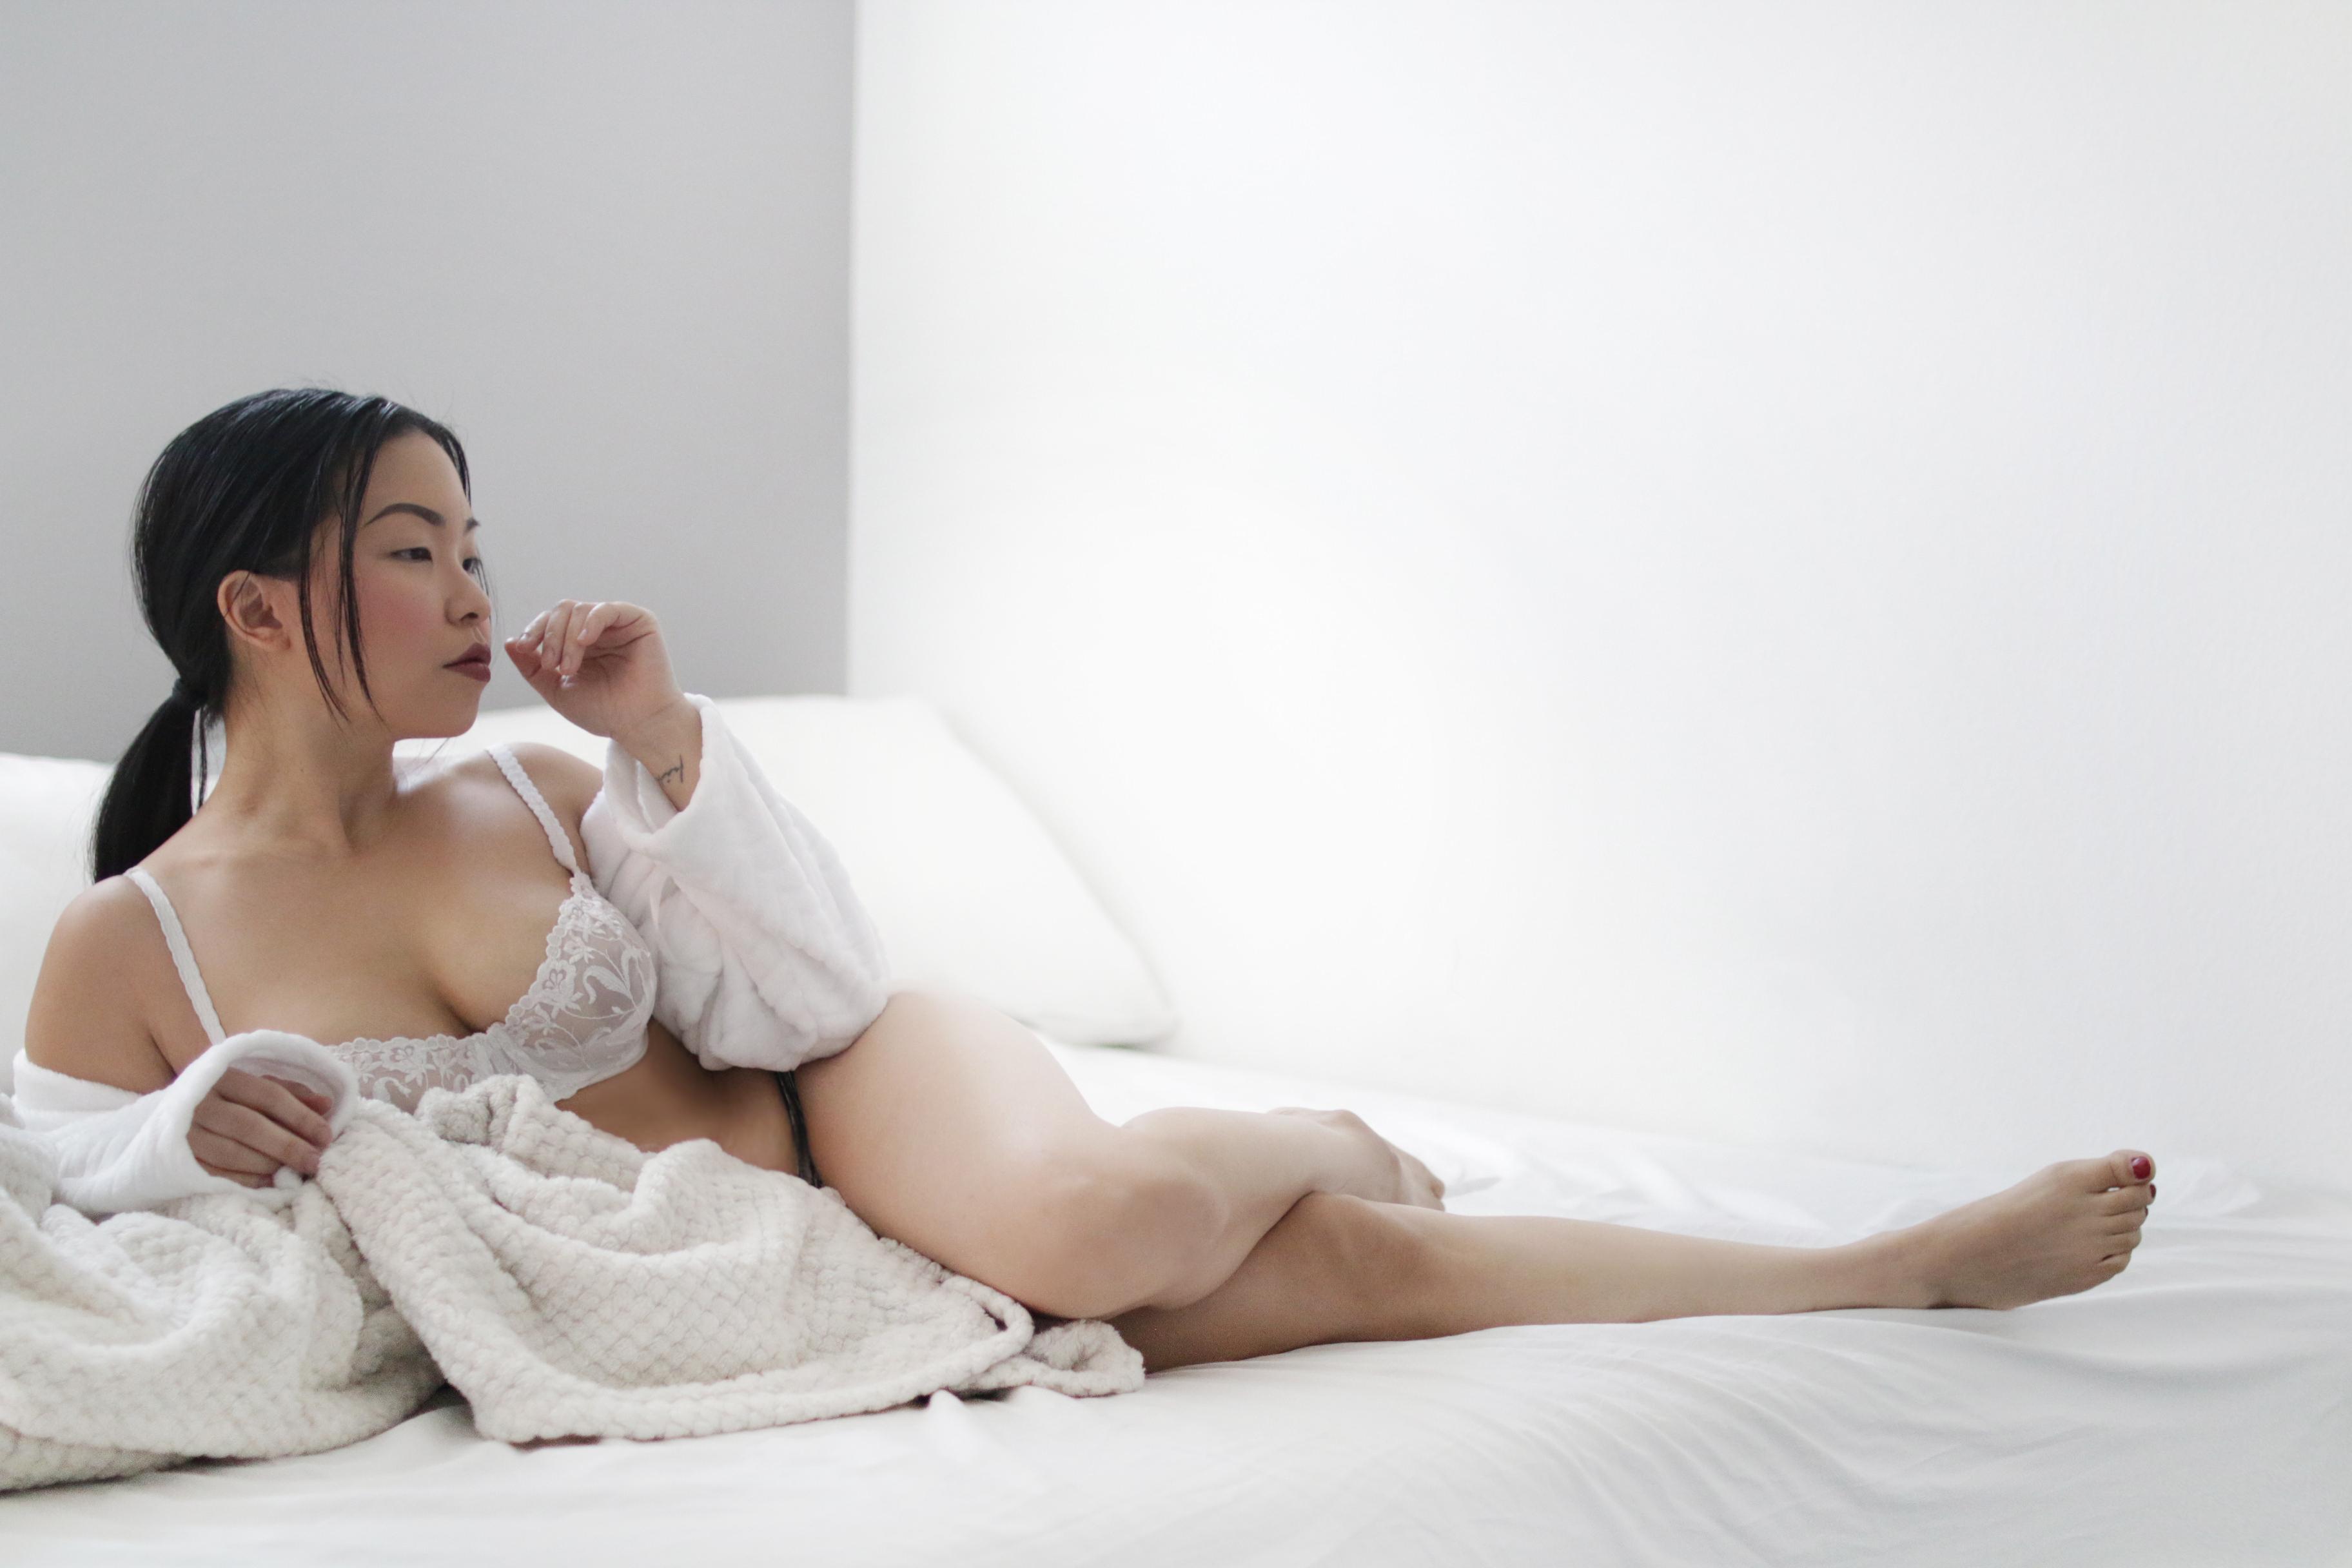 angela ricardo lingerie blogger model